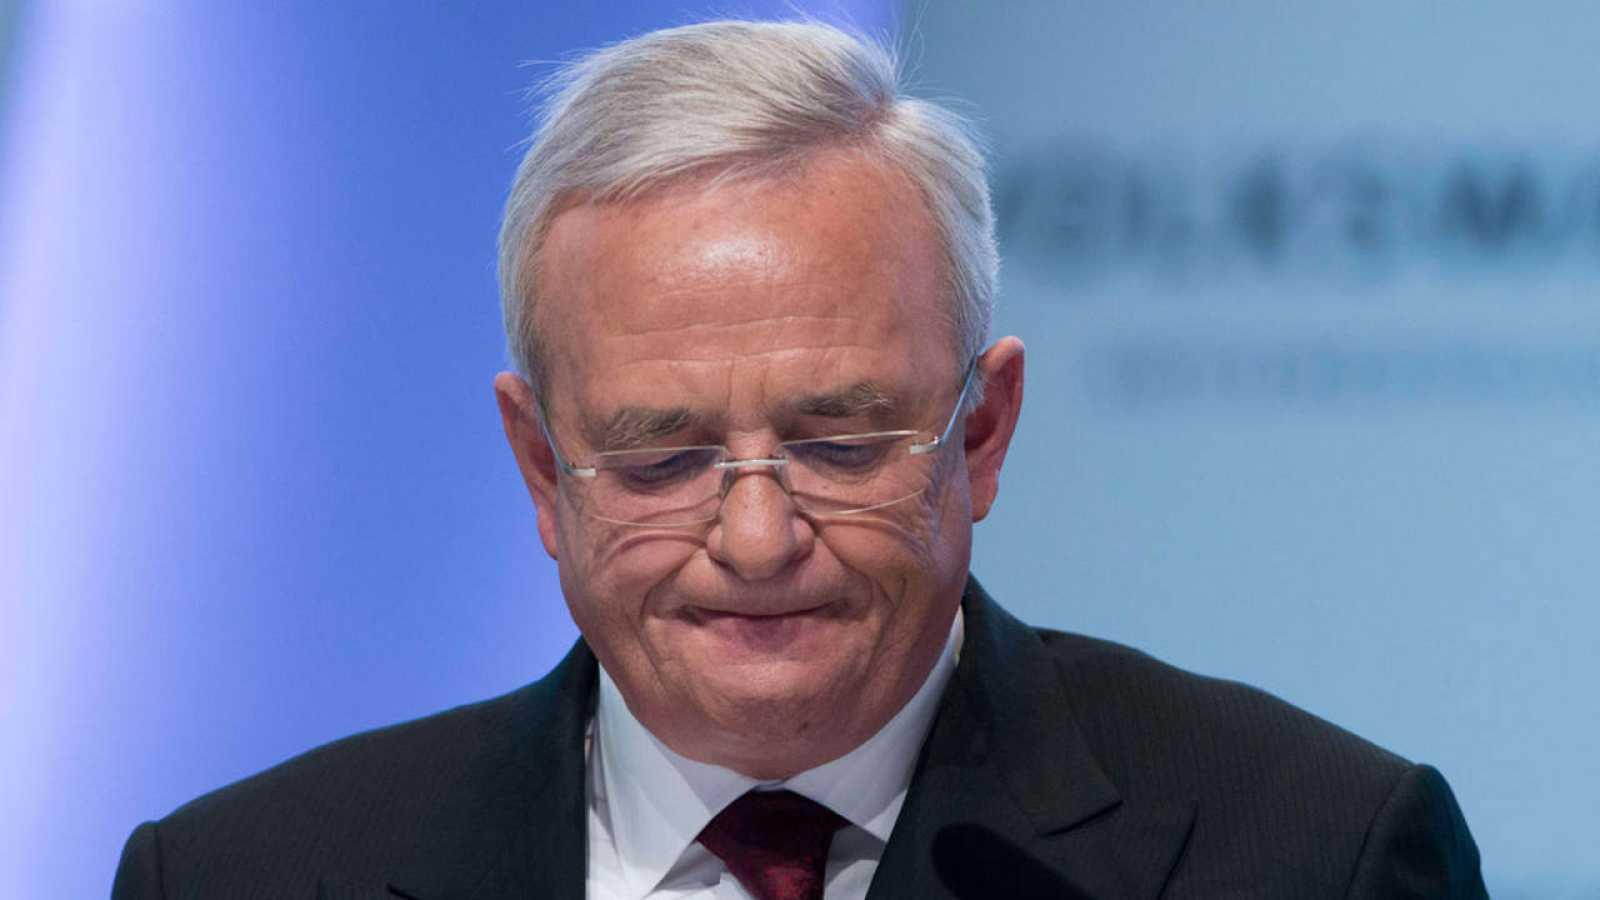 El consejero delegado de Volkswagen, Martin Winterkorn